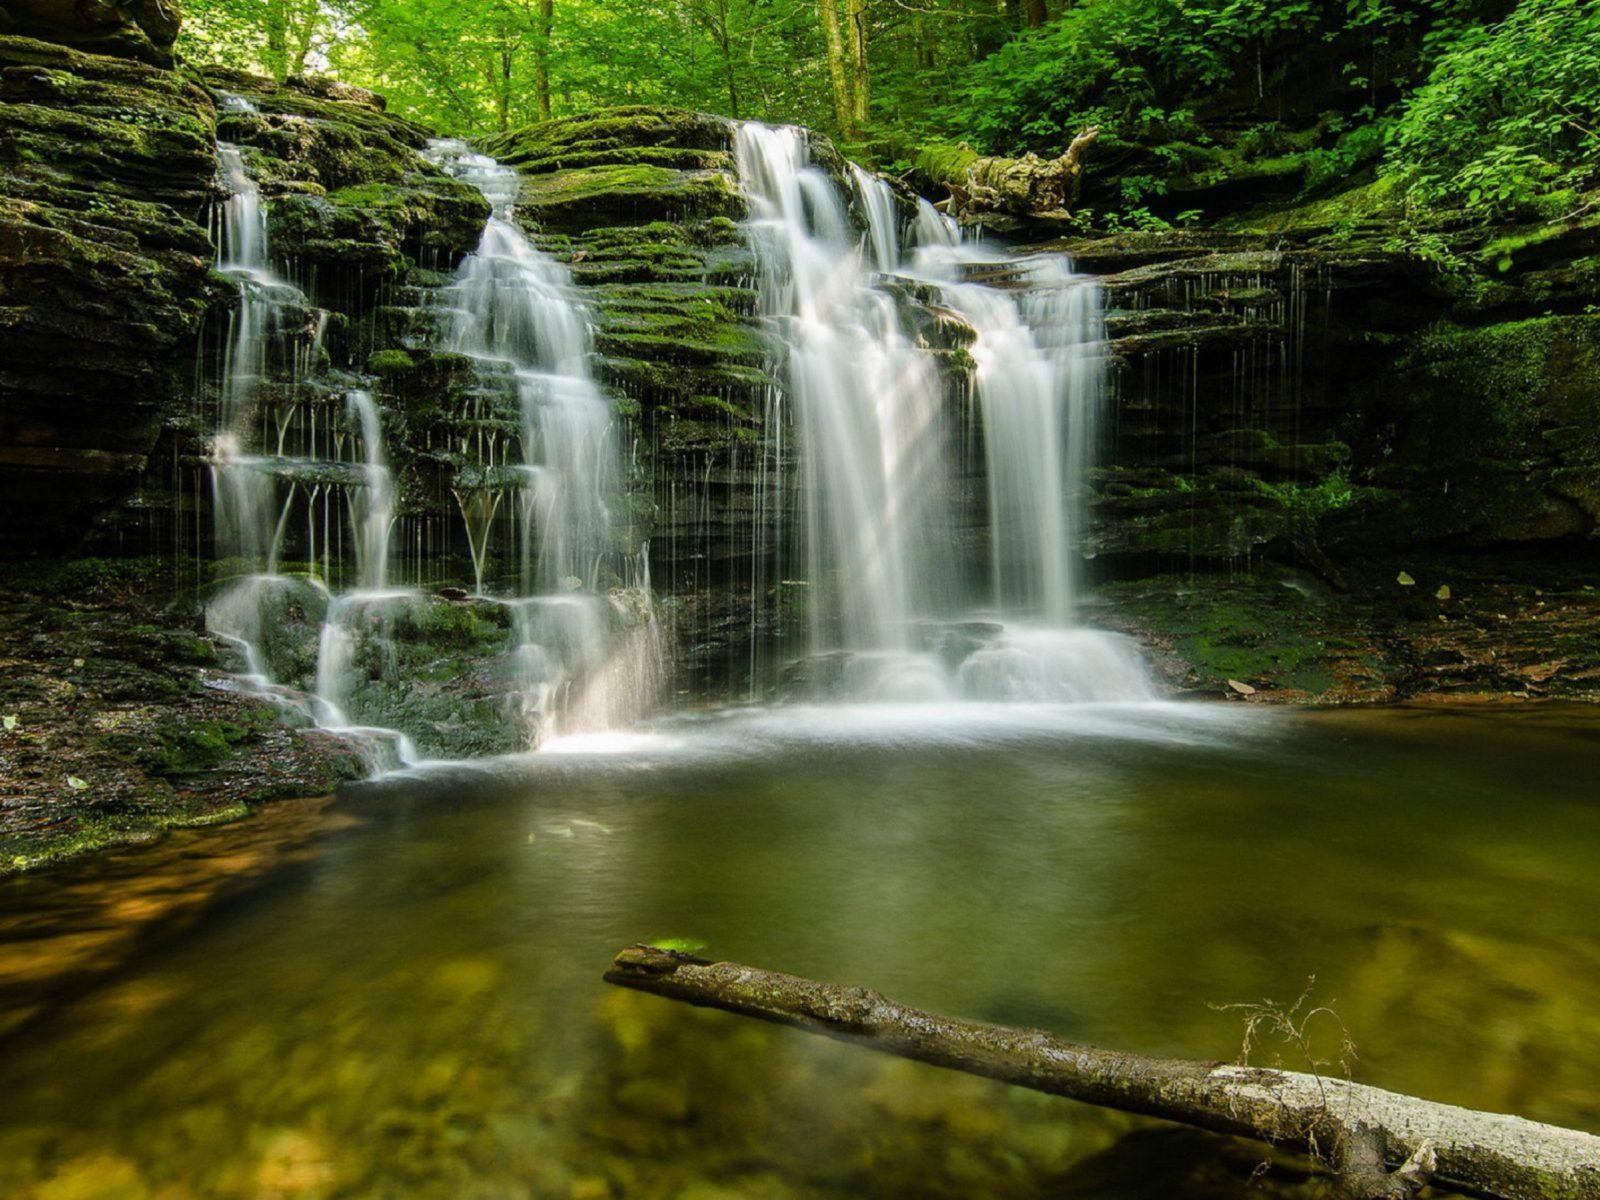 Desktop Wallpaper Images High Resolution Fall Cascading Forest Waterfall Multnomah Falls Oregon Usa